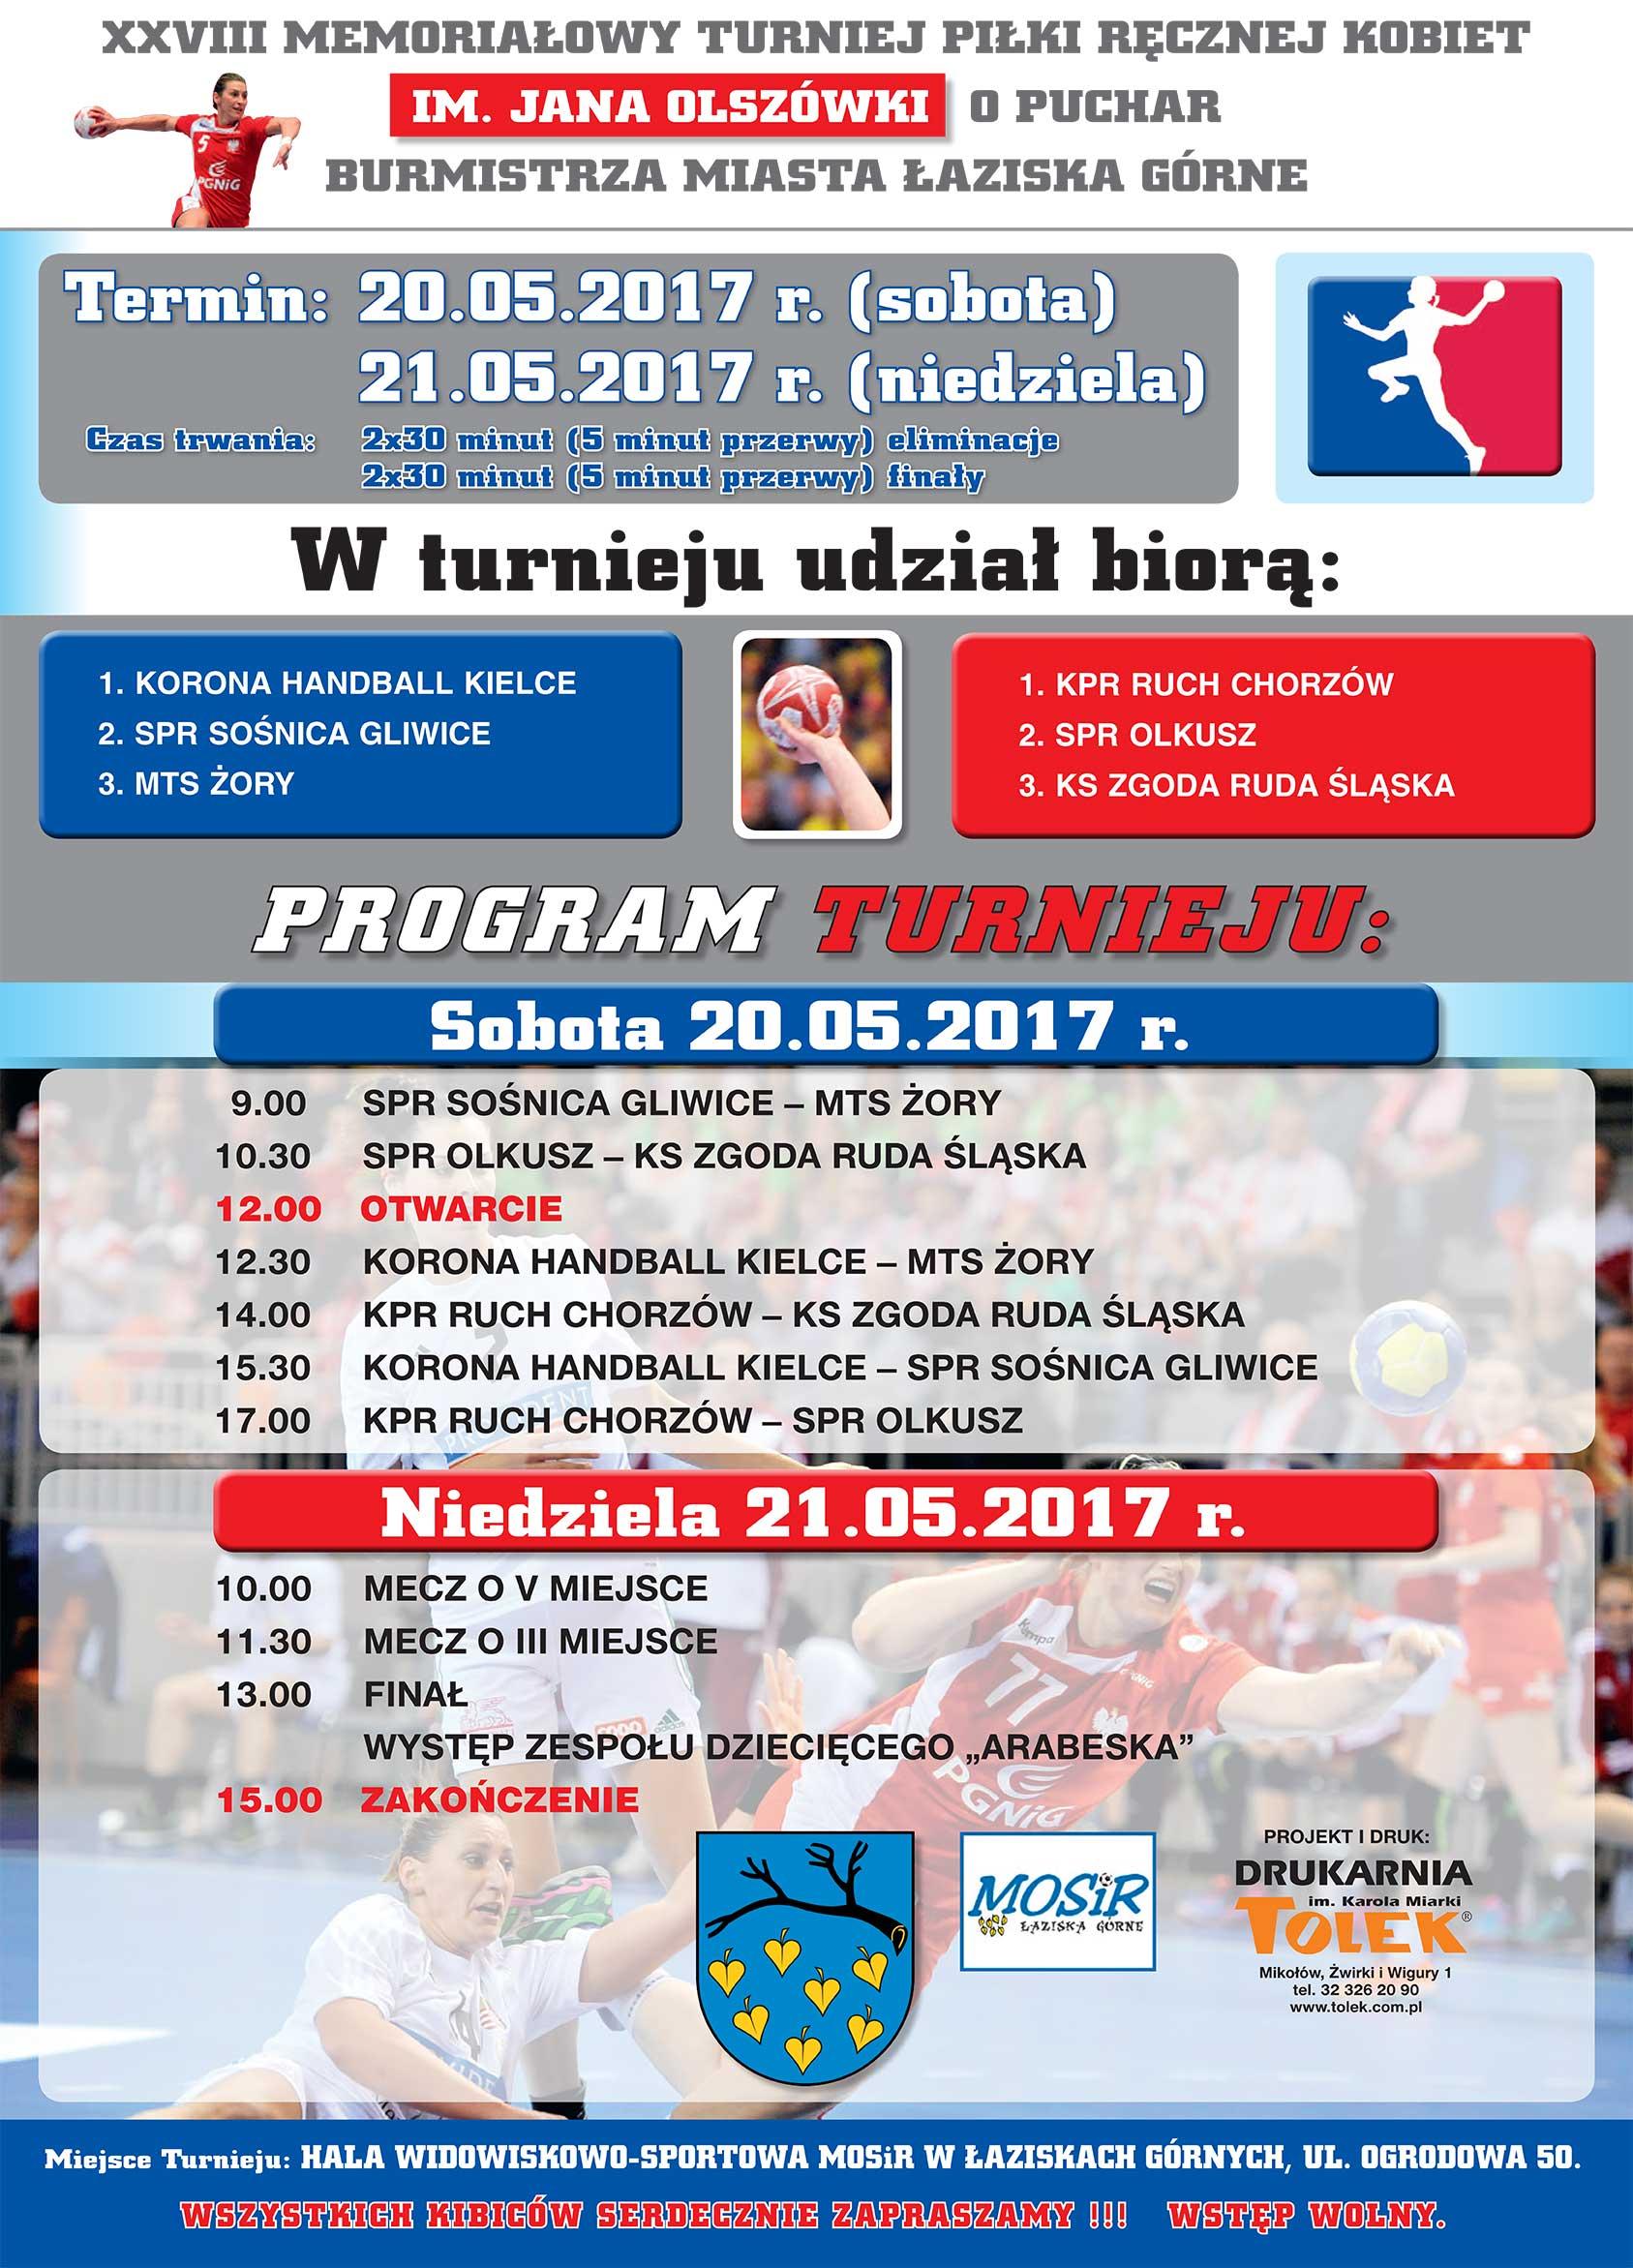 Plakat Turnieju Pr20 2105 Ks Zgoda Ruda śląska Bielszowice